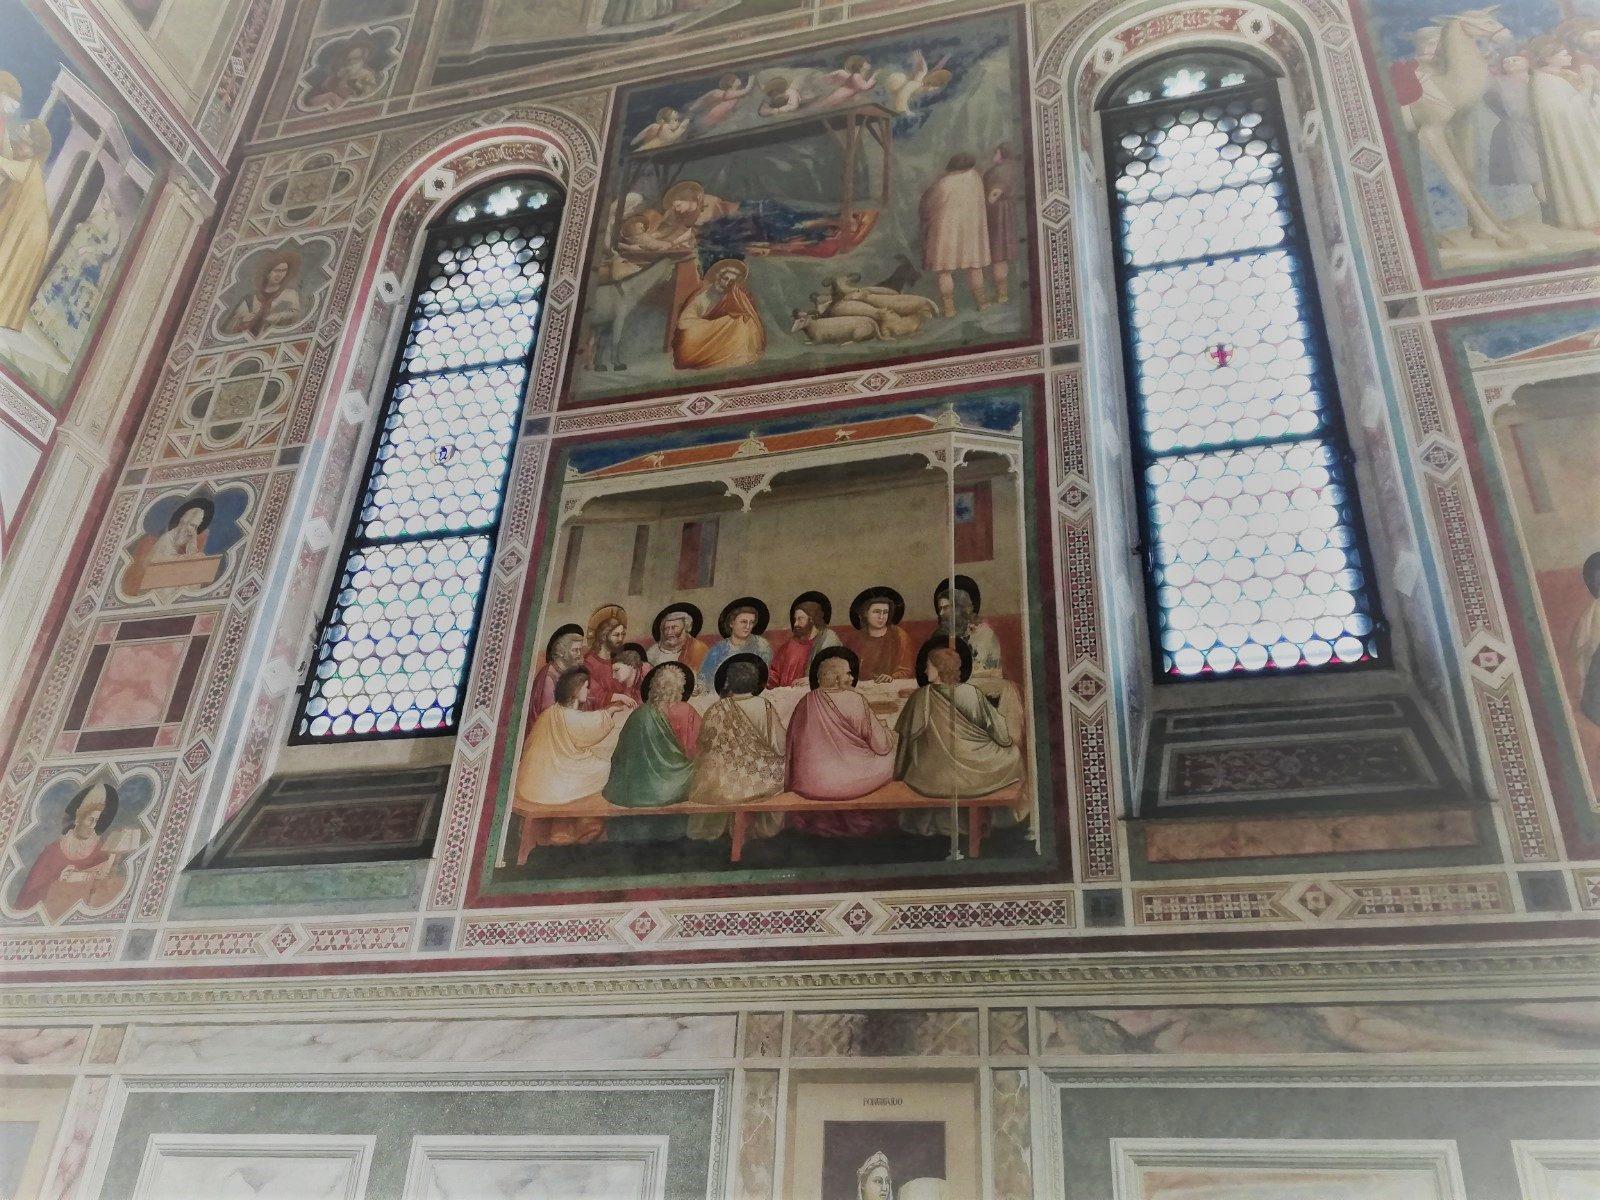 Alcuni affreschi giotteschi della Cappella degli Scrovegni